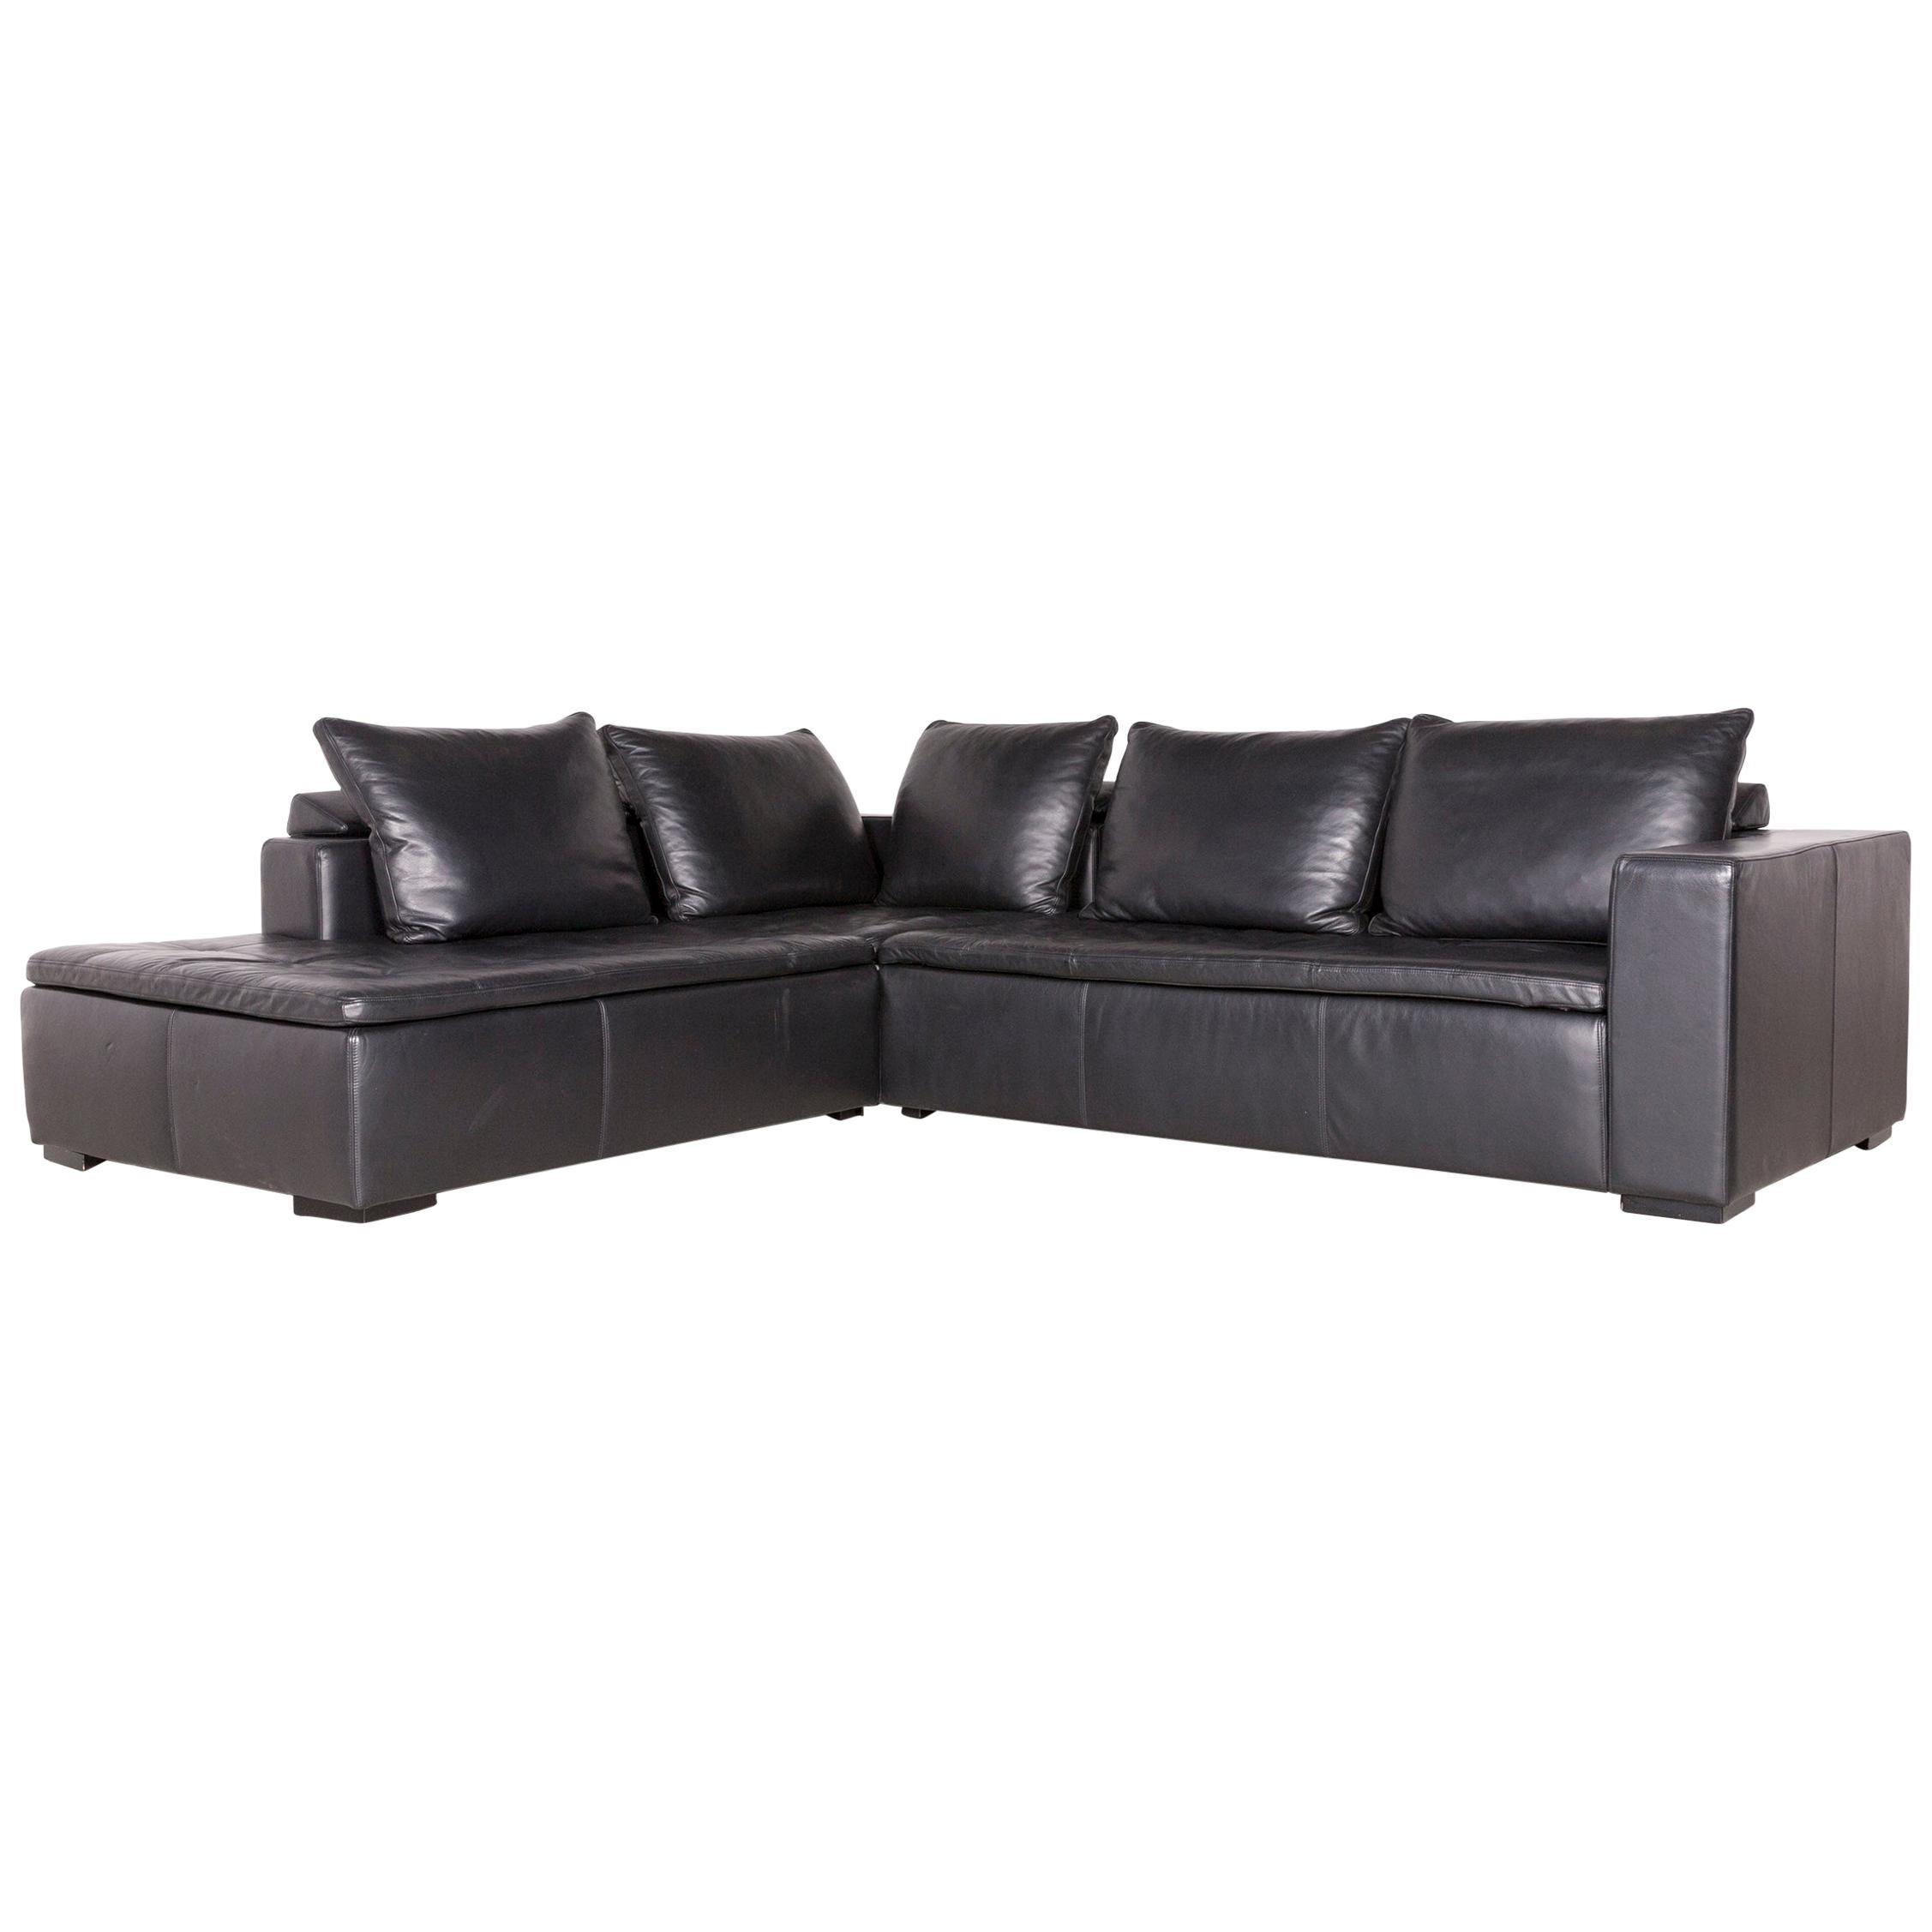 Boconcept Designer Leather Chair White Chrome Elegant